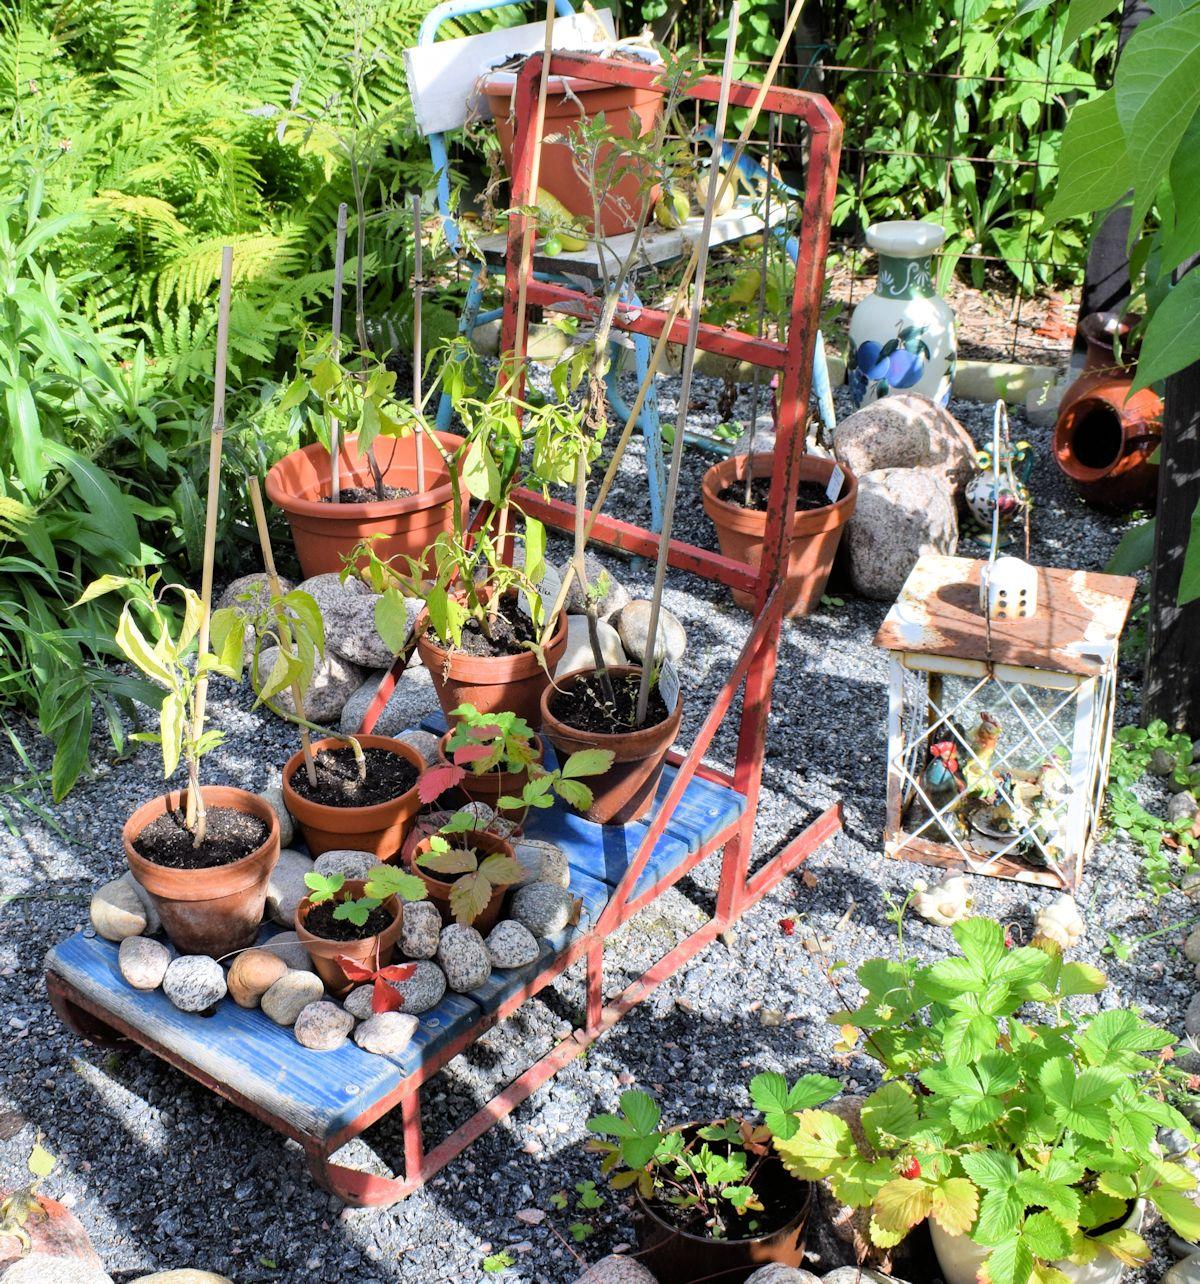 Vanhoja esineitä on käytetty uudelleen puutarhassa.